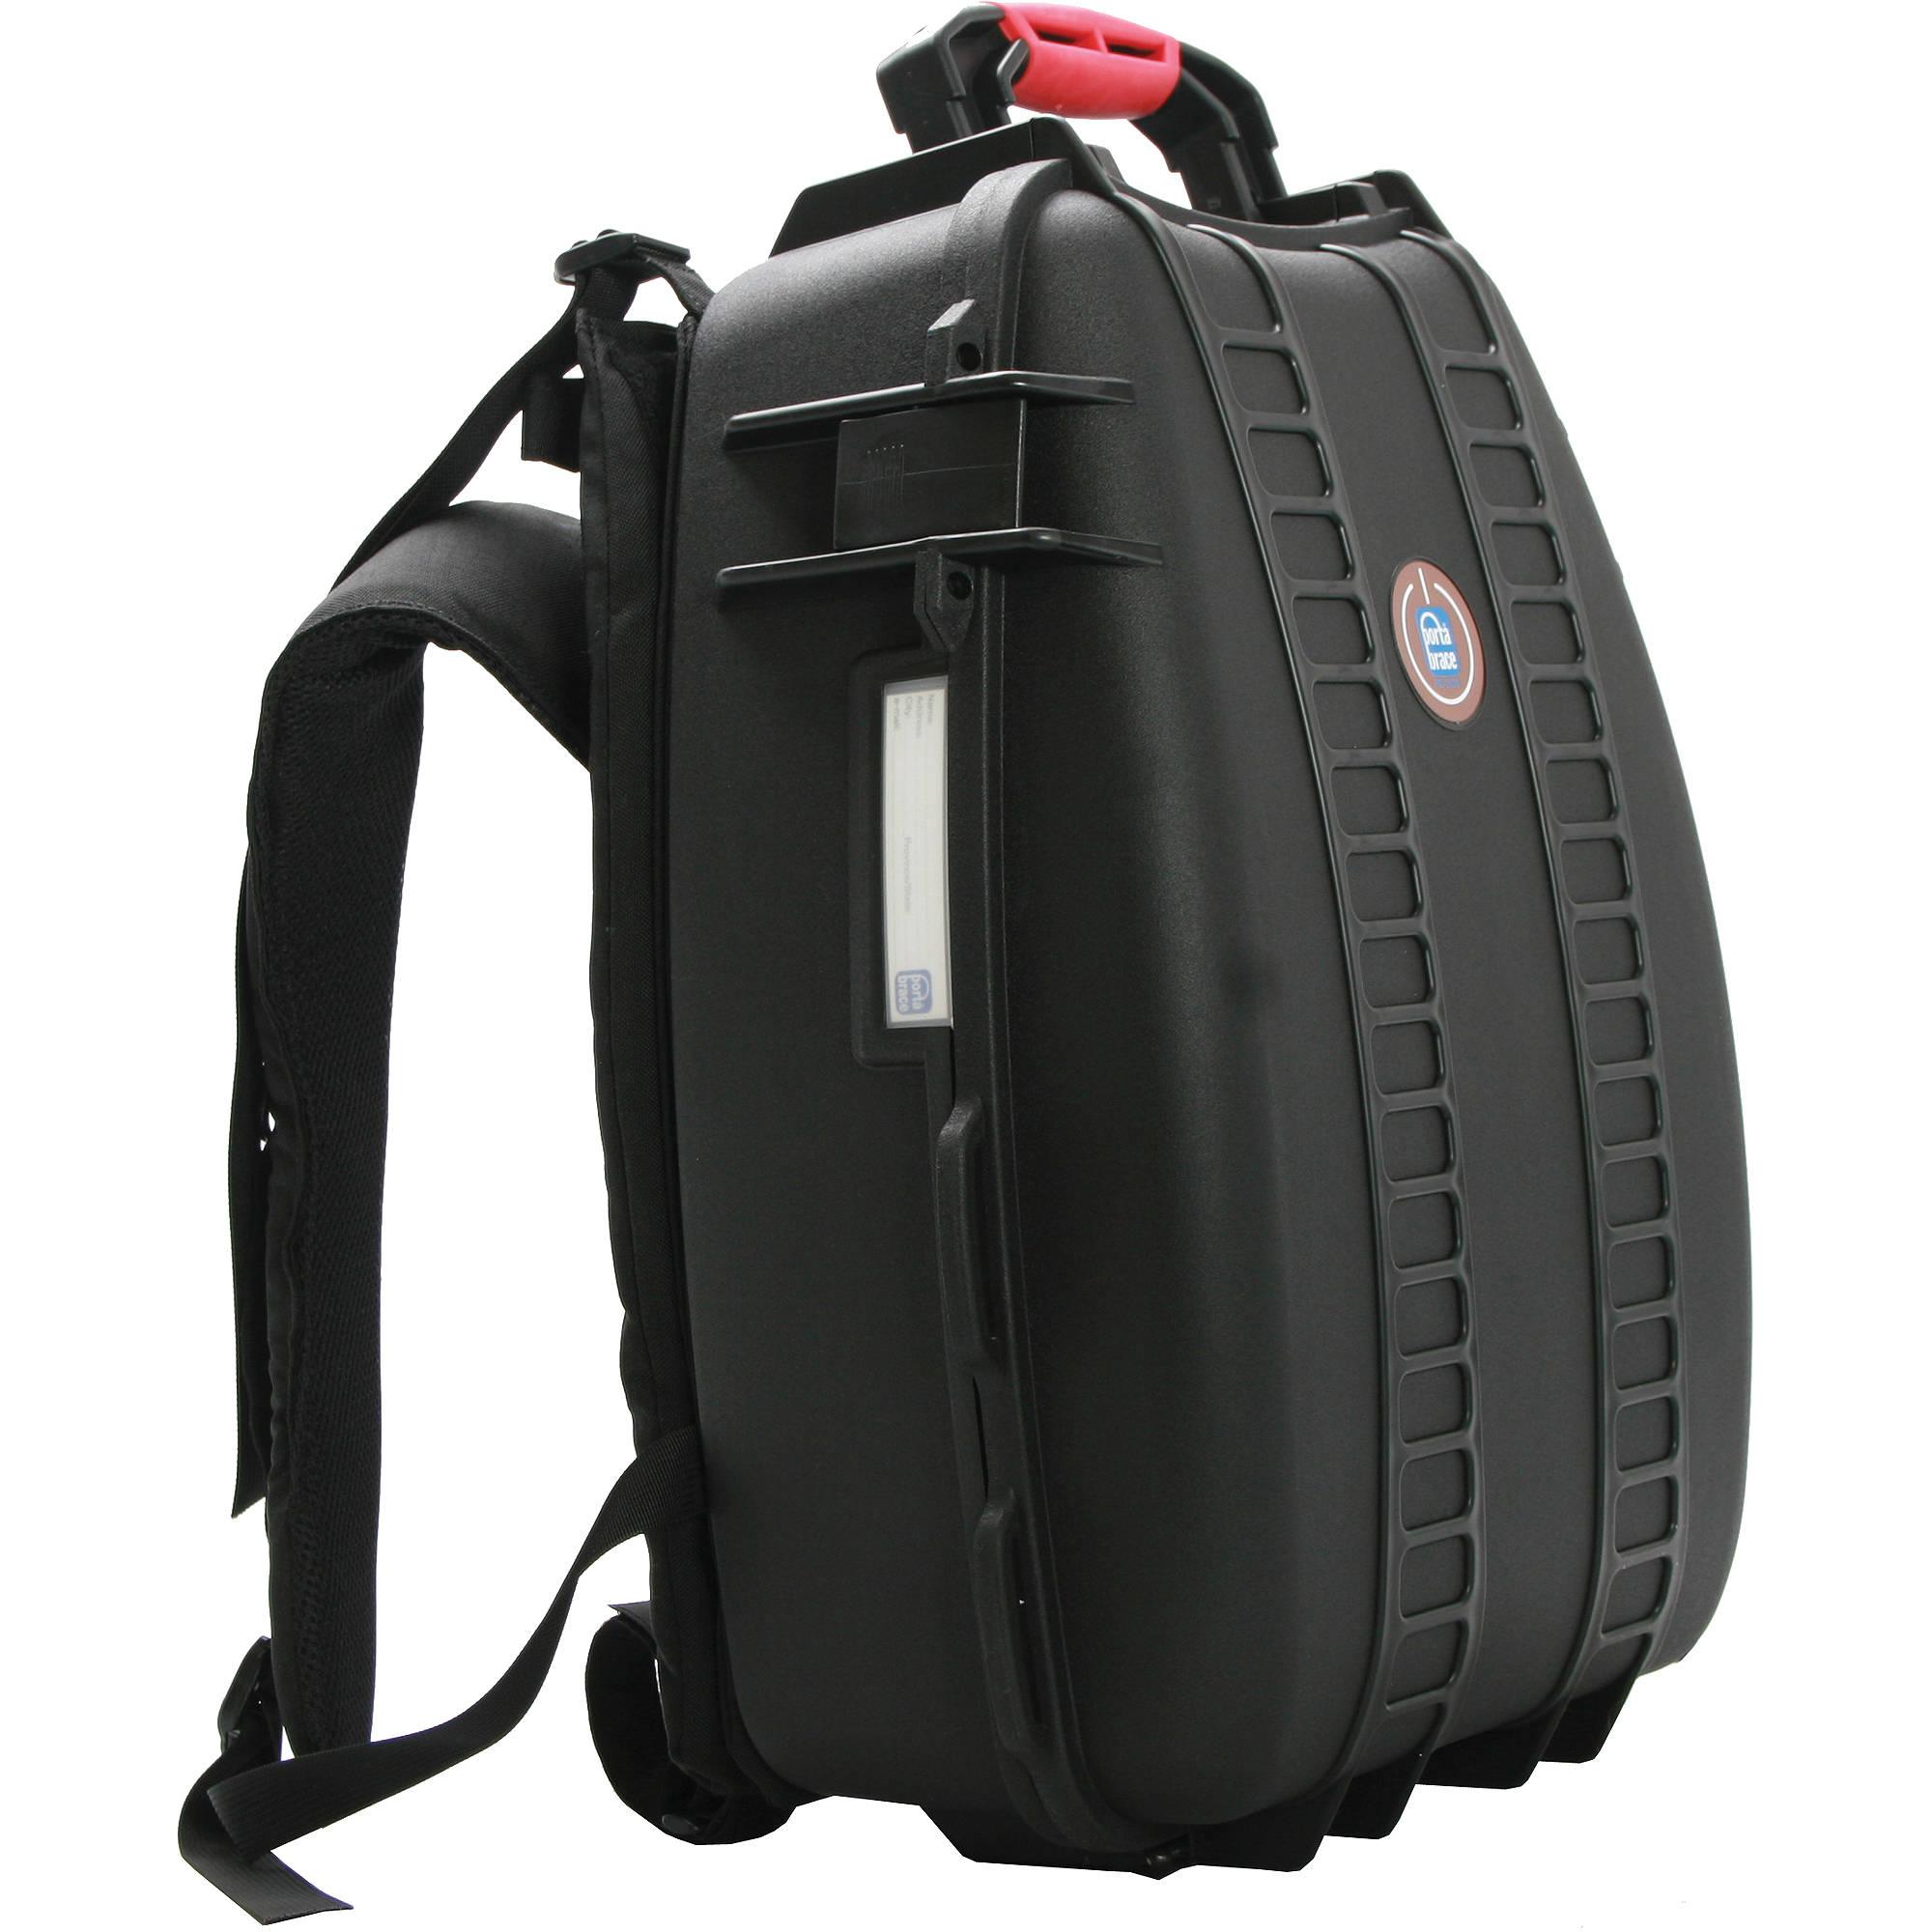 Shell Hardcase Bag Hard Case Backpack